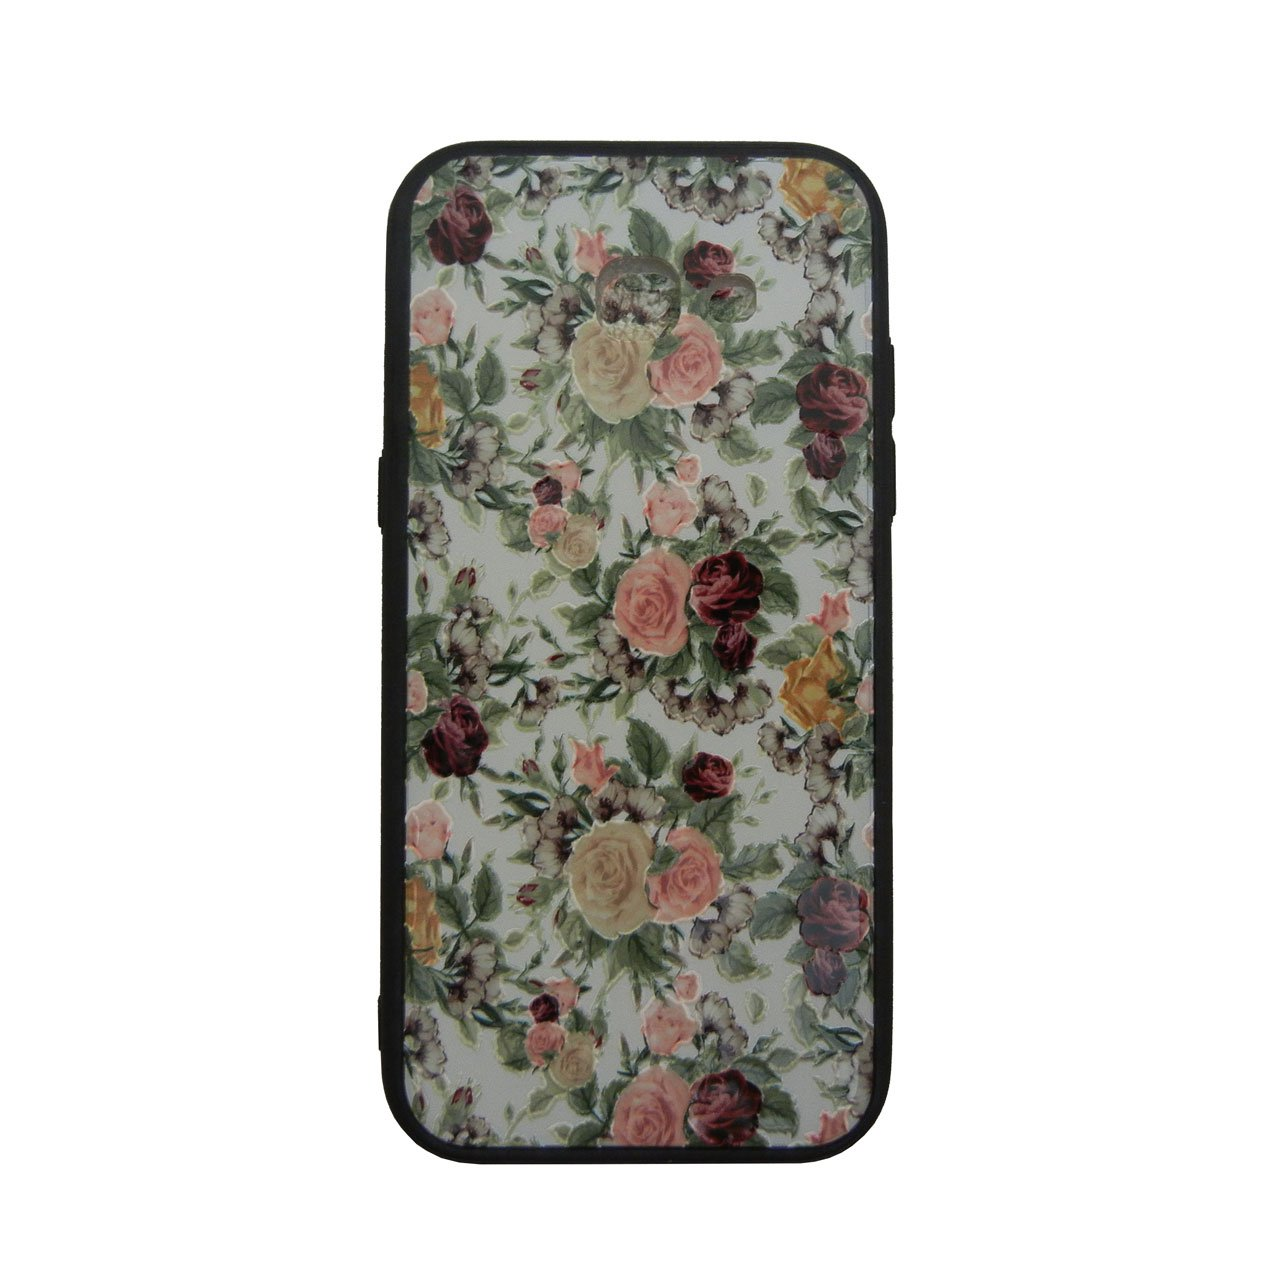 کاور موبایل مناسب برای سامسونگ A7 2017